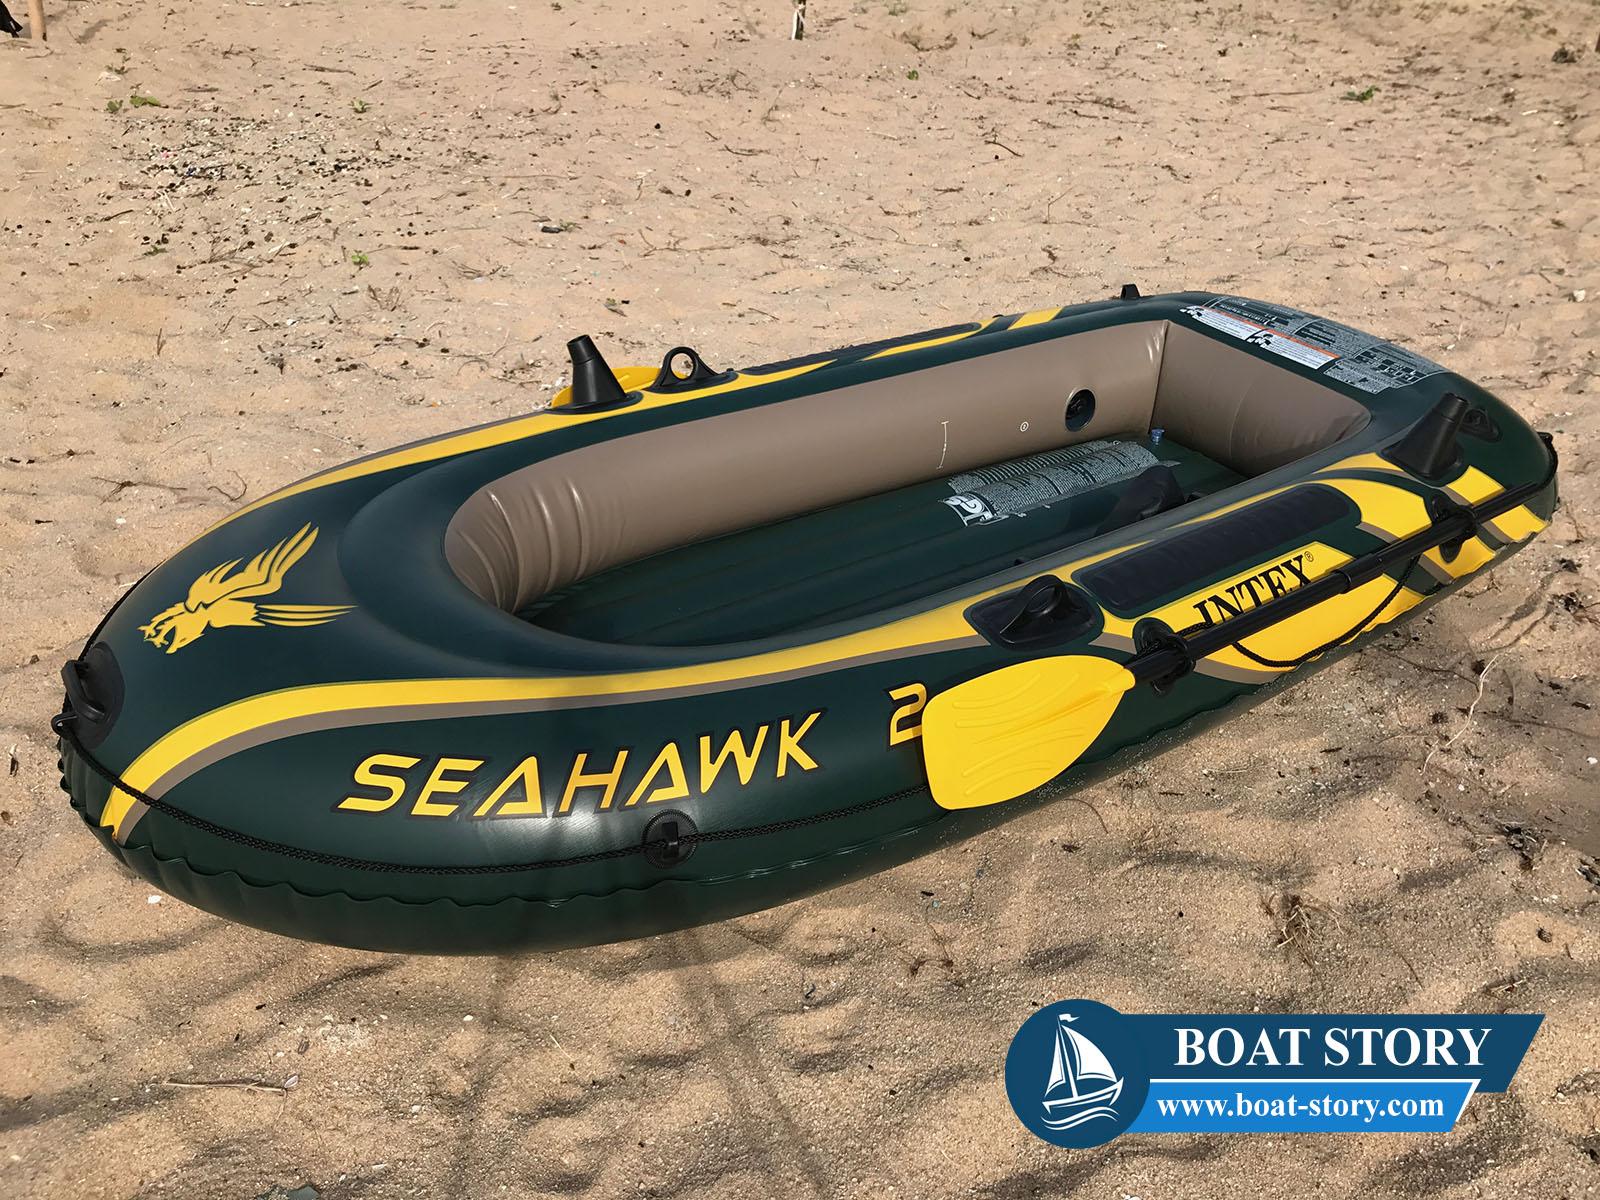 เรือยาง seahawk 2